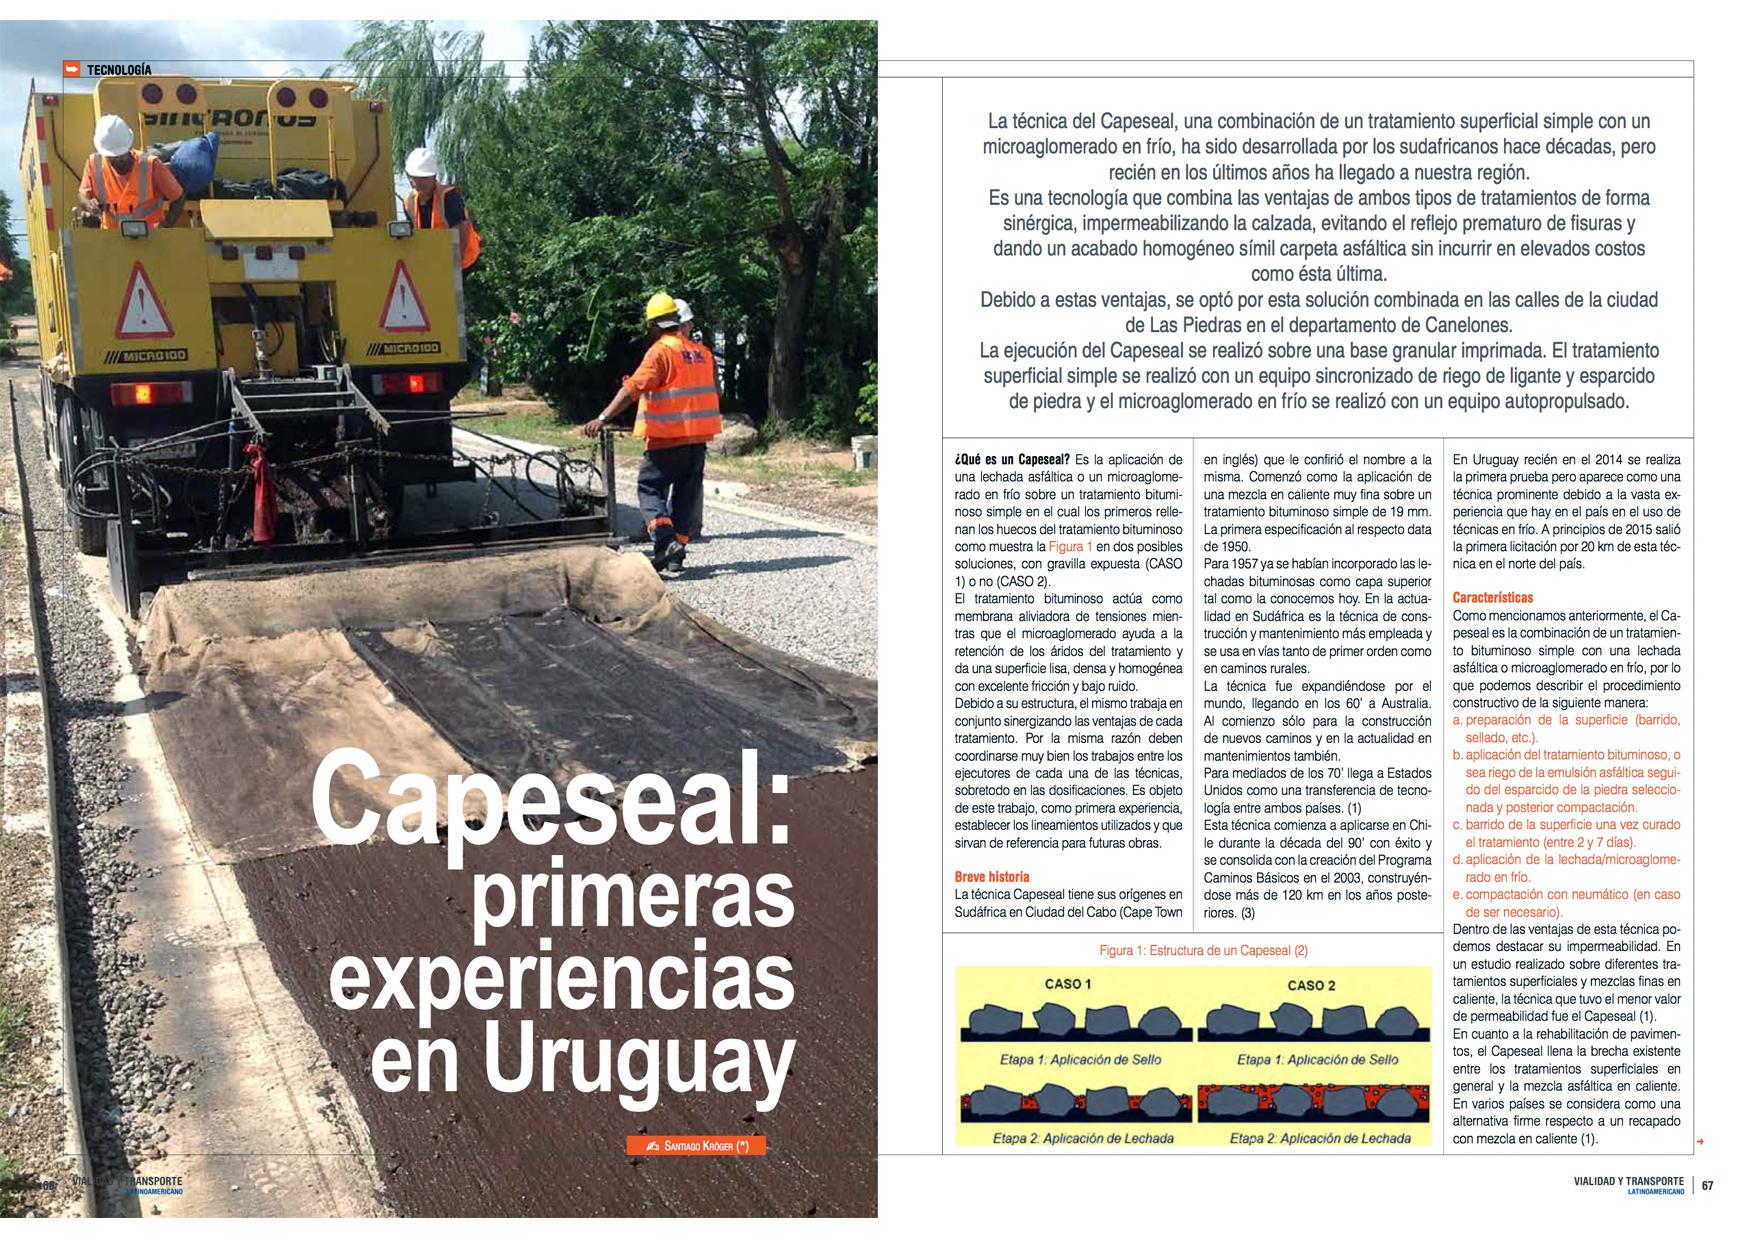 Capeseal: Primeras Experiencias en Uruguay